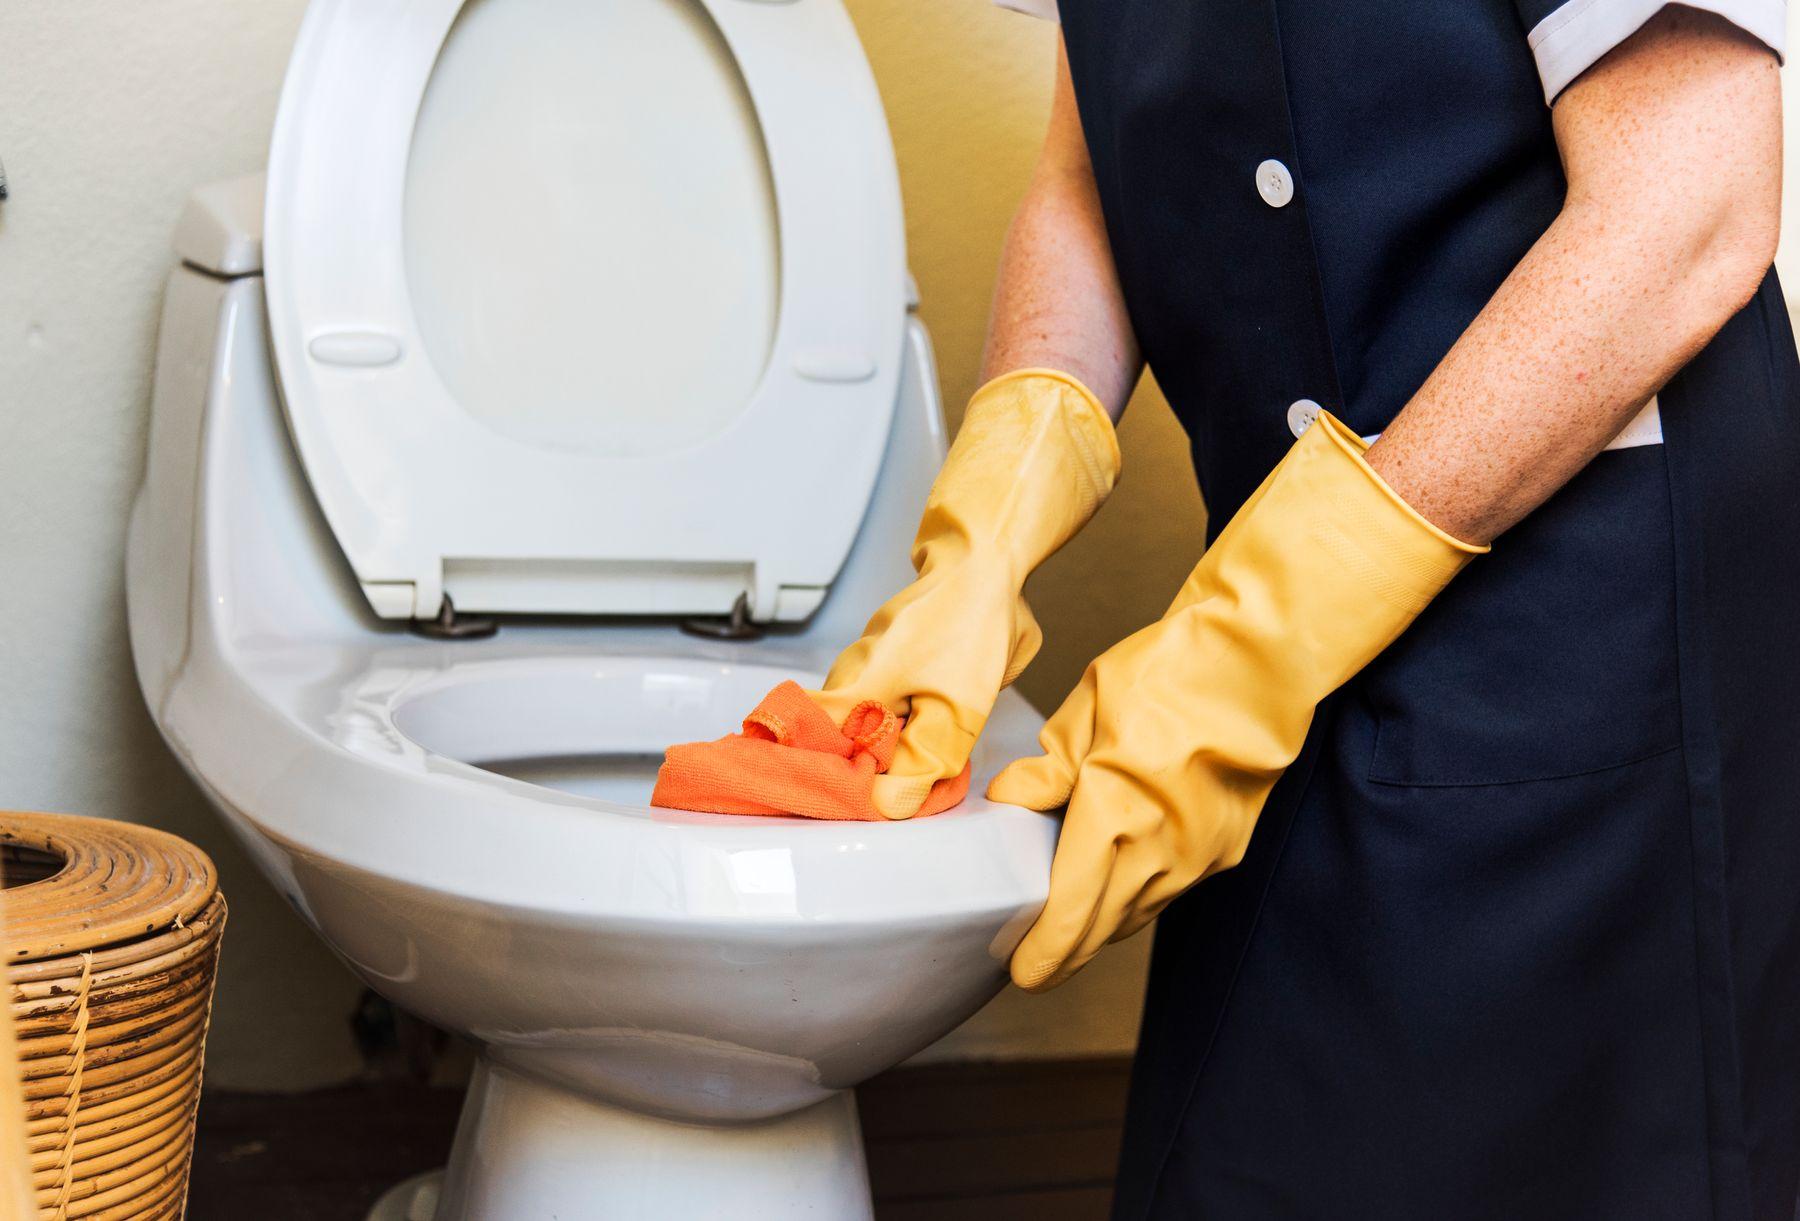 Sai lầm khi dọn dẹp nhà vệ sinh